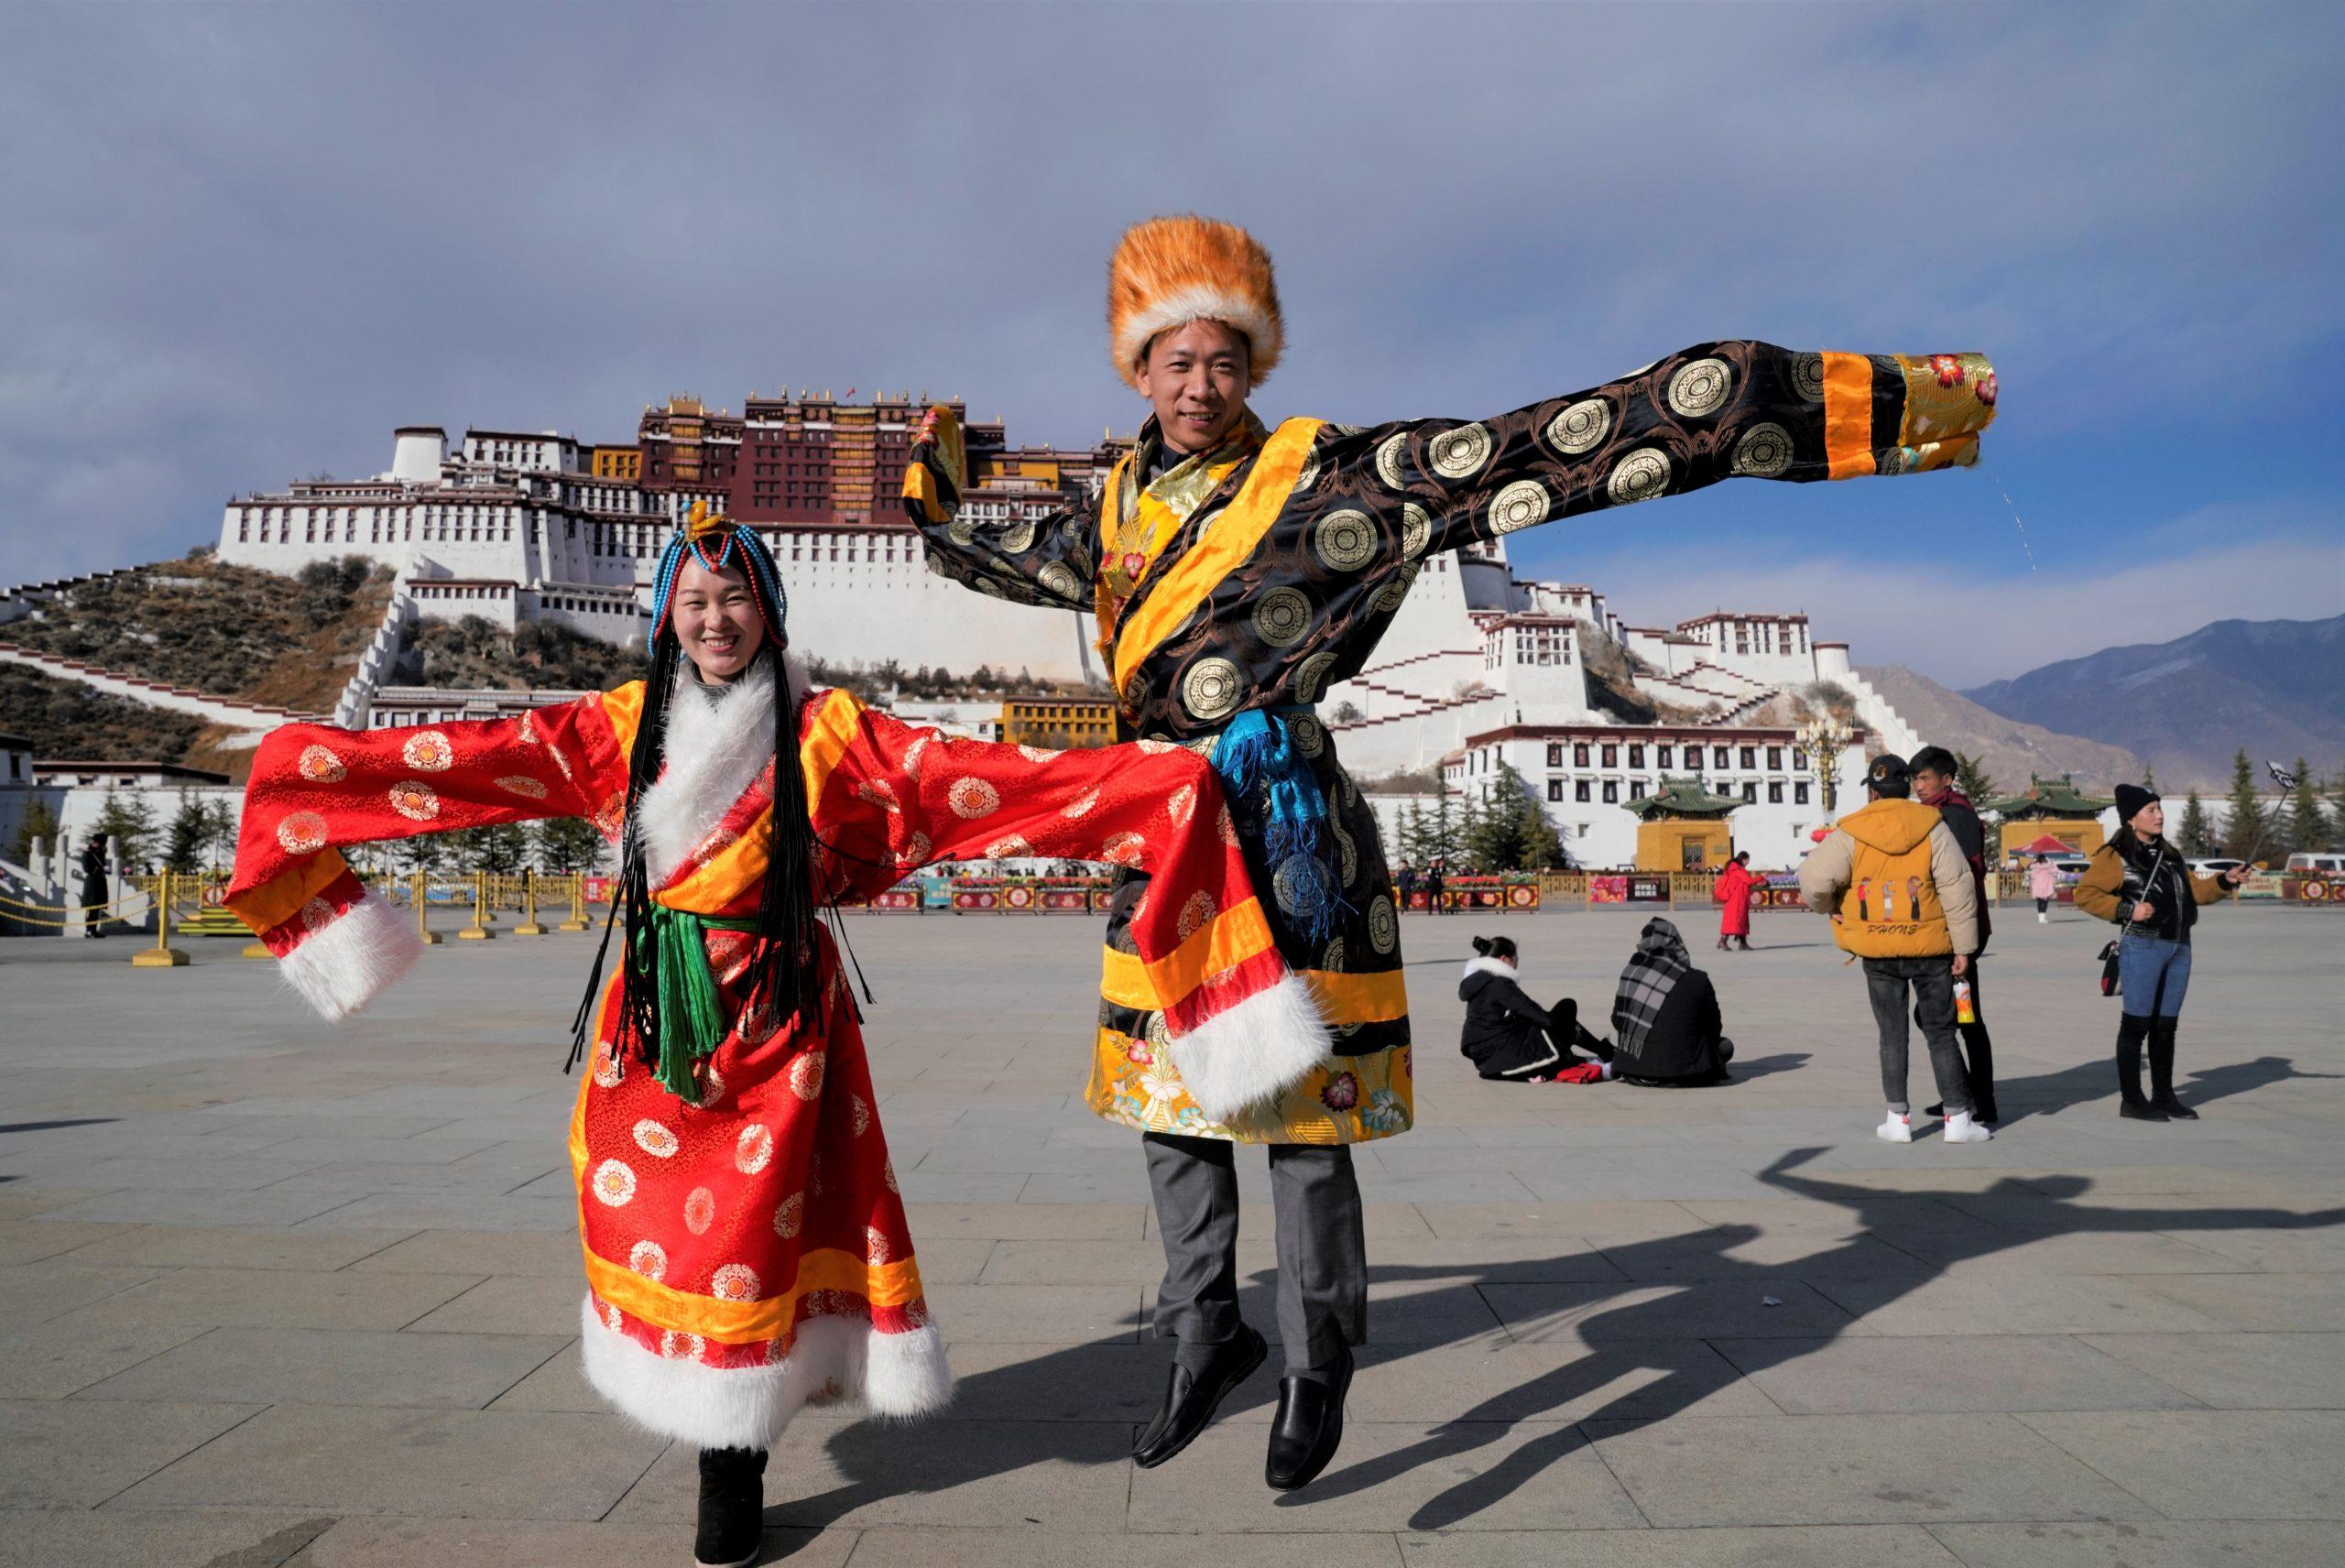 Región china del Tíbet ofrece entrada gratuita en sus principales atracciones para estimular turismo de invierno